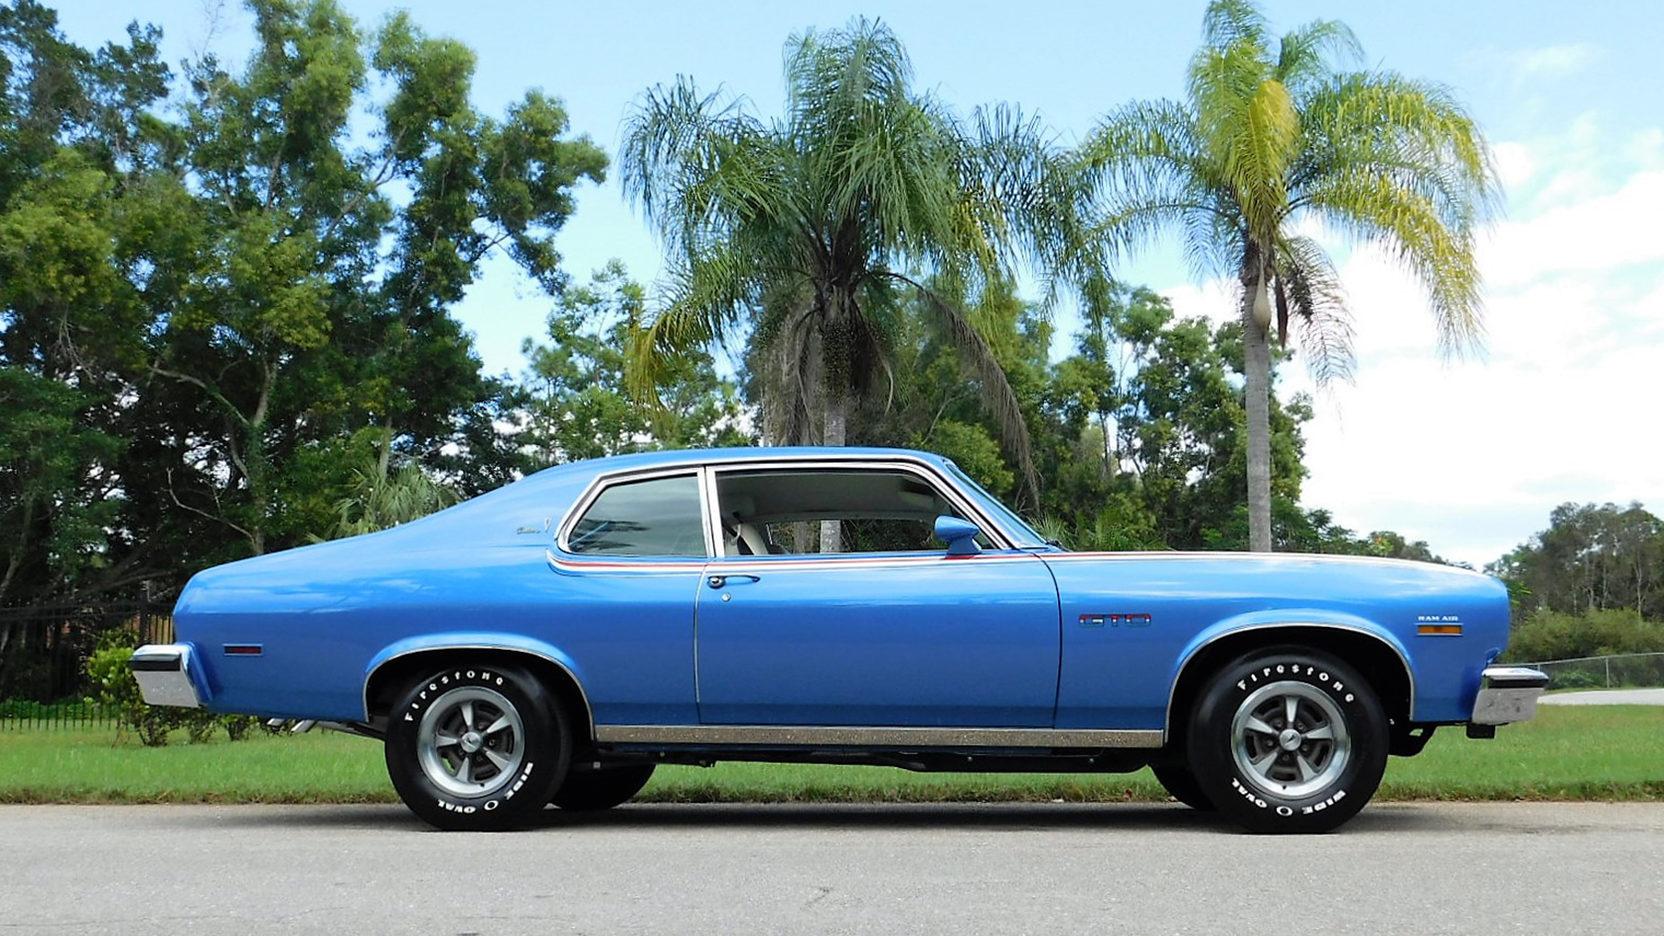 1974 Pontiac GTO profile